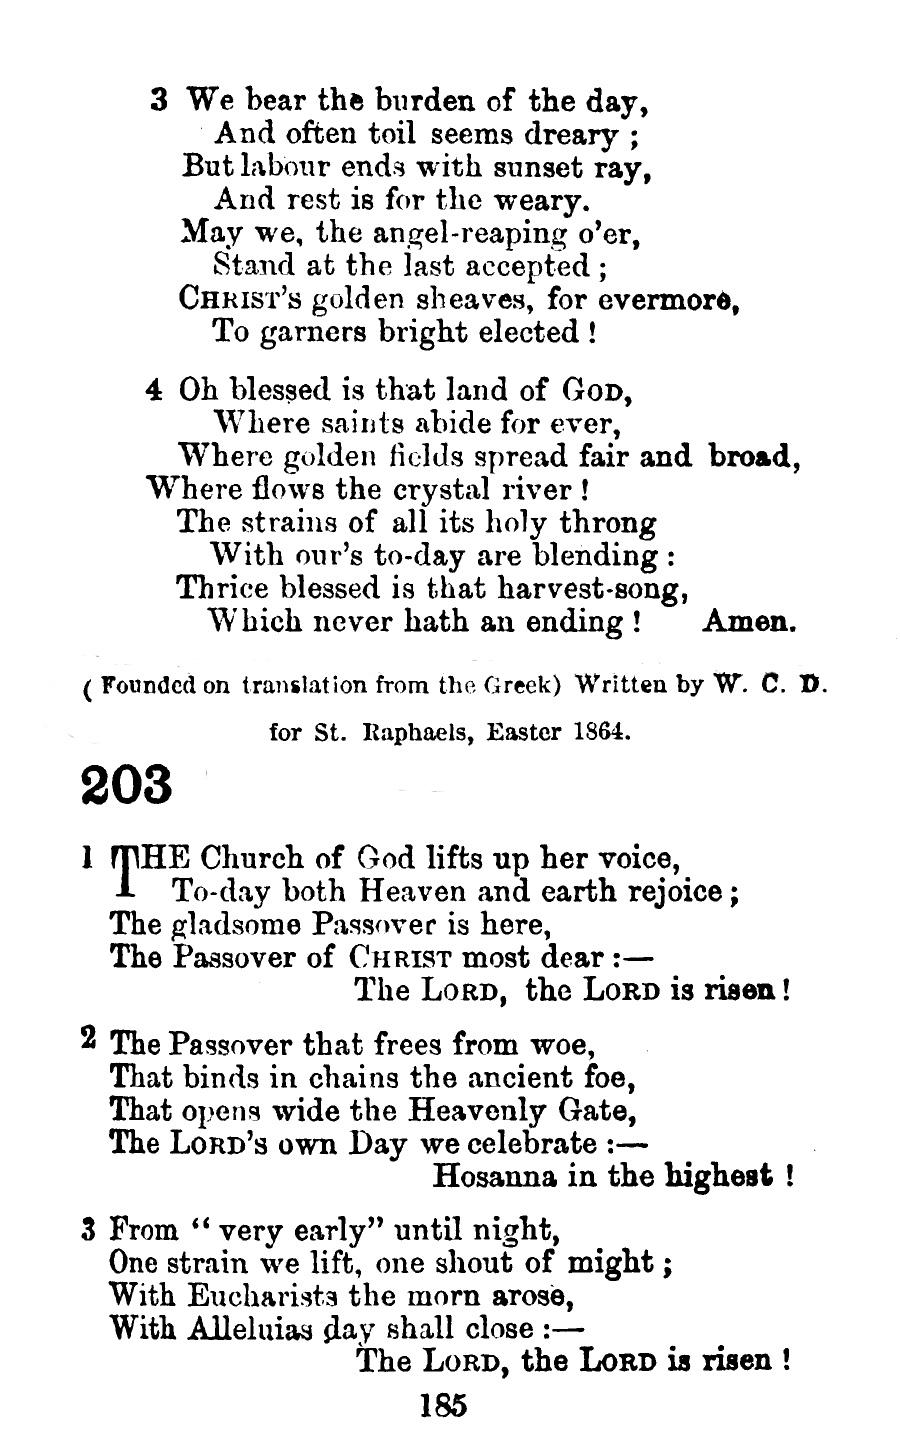 HymnsfortheServicesoftheChurch_1864_200.jpg